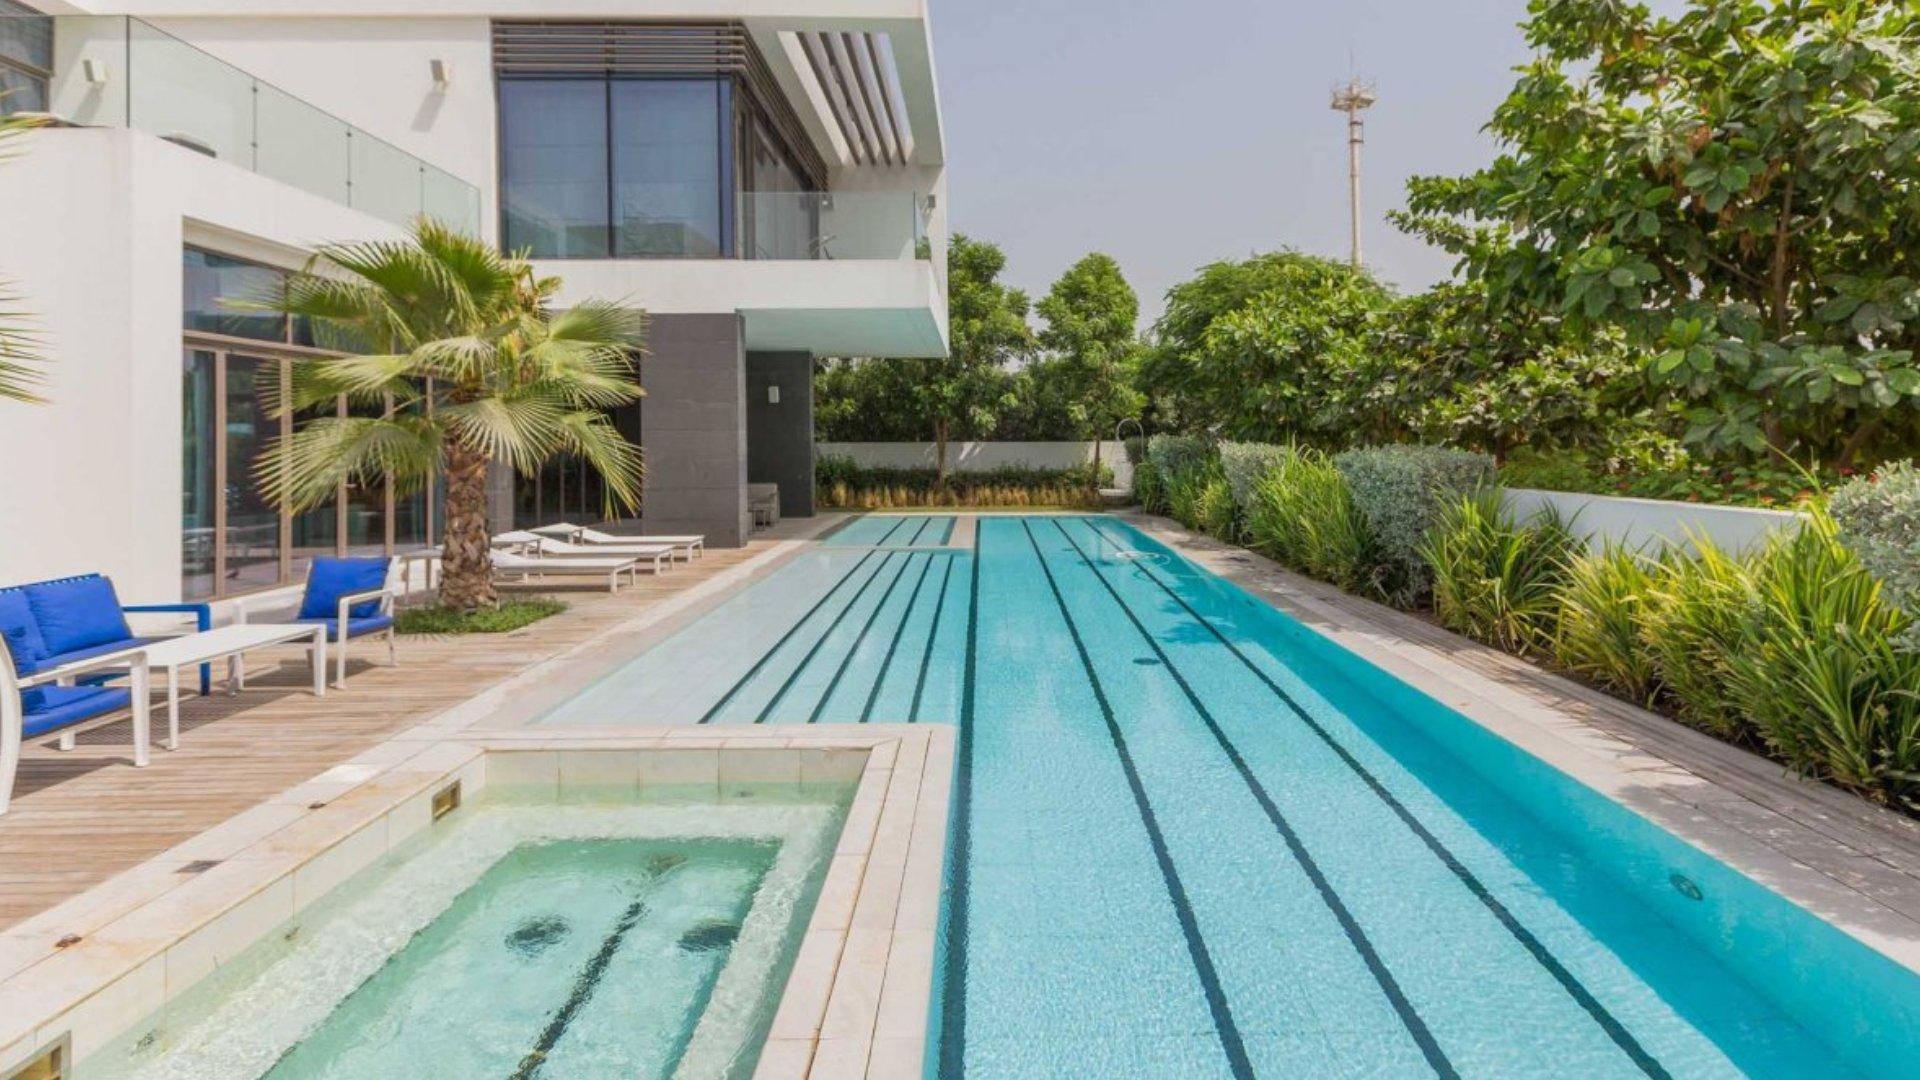 Villa en venta en Dubai, EAU, 5 dormitorios, 818 m2, № 24431 – foto 2